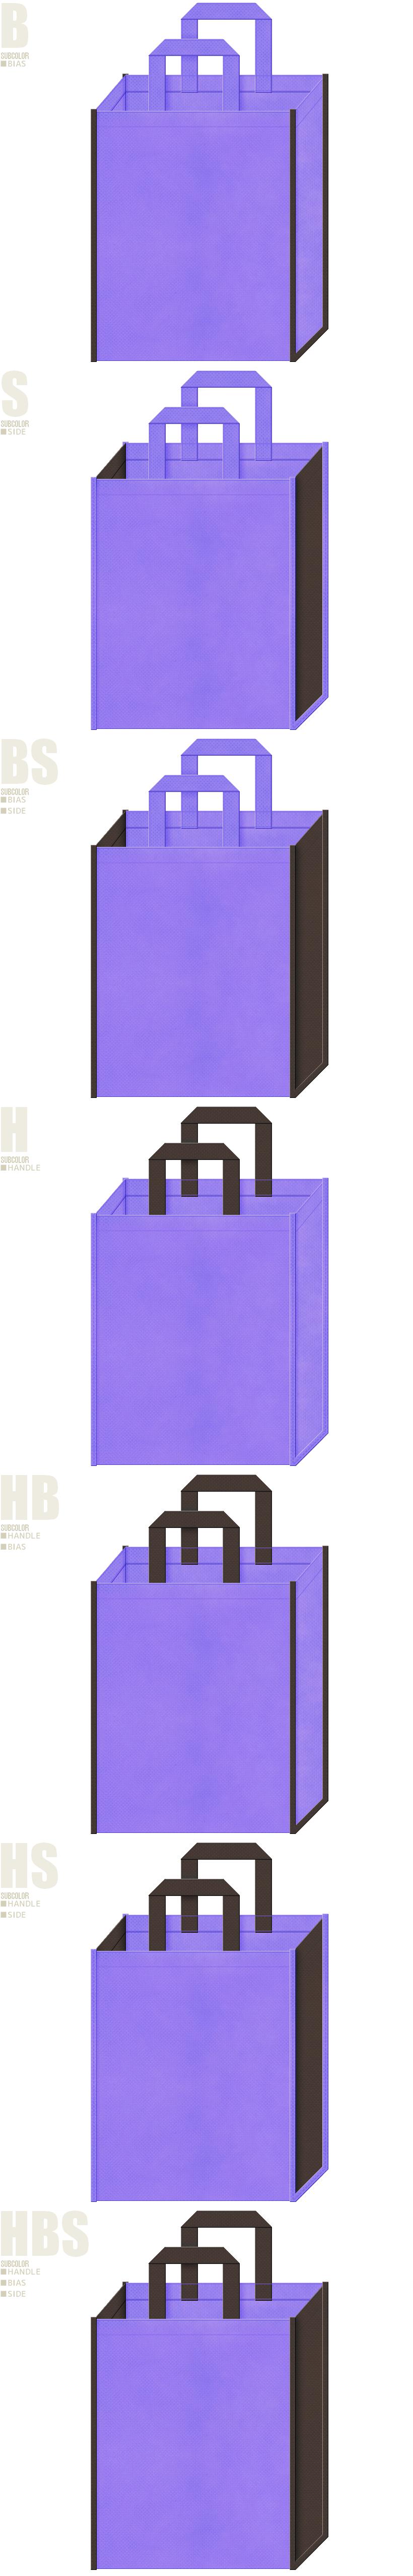 明るめの紫色とこげ茶色、7パターンの不織布トートバッグ配色デザイン例。